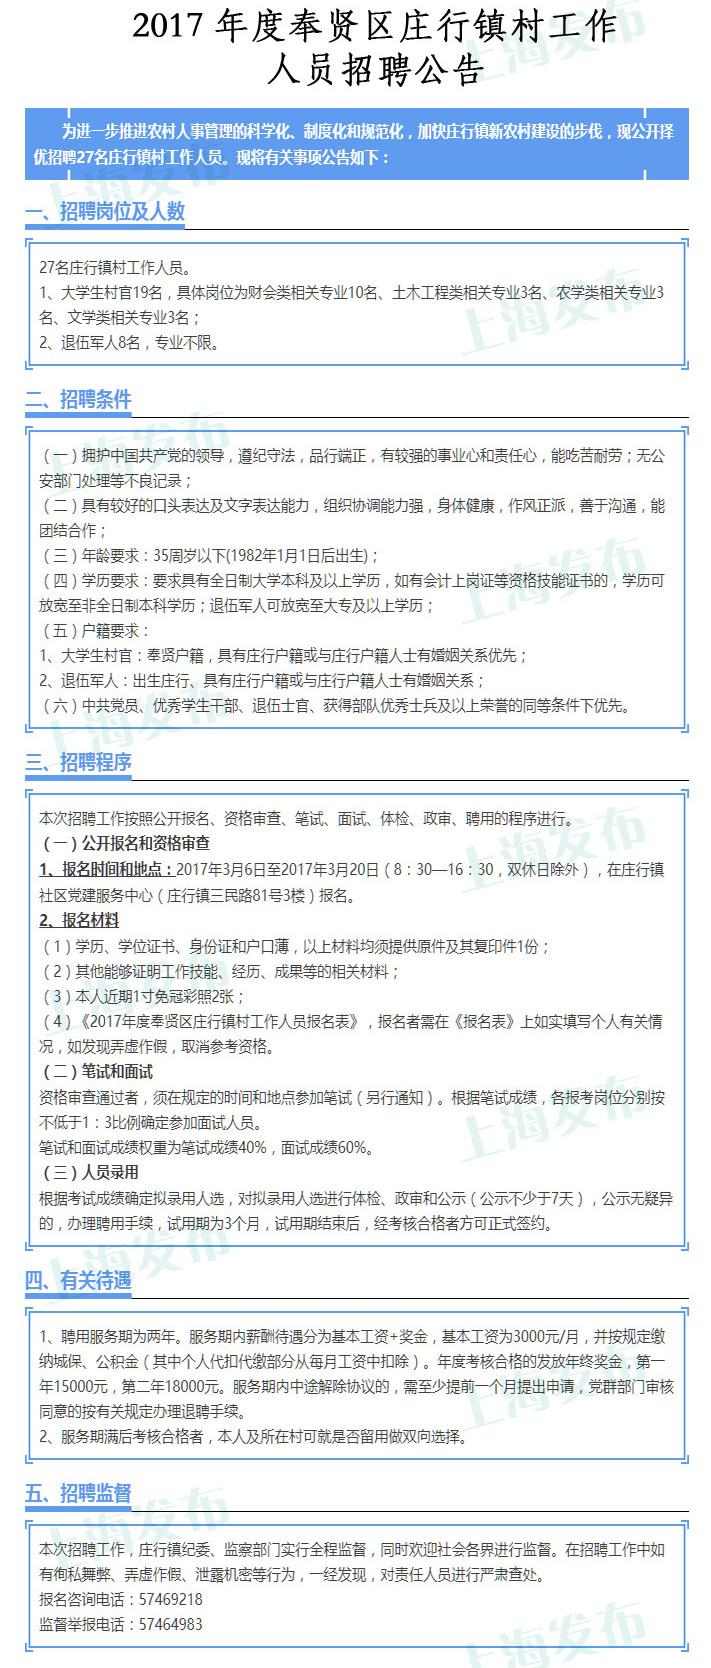 上海奉贤庄行镇招聘27人工作人员 含大学生村官